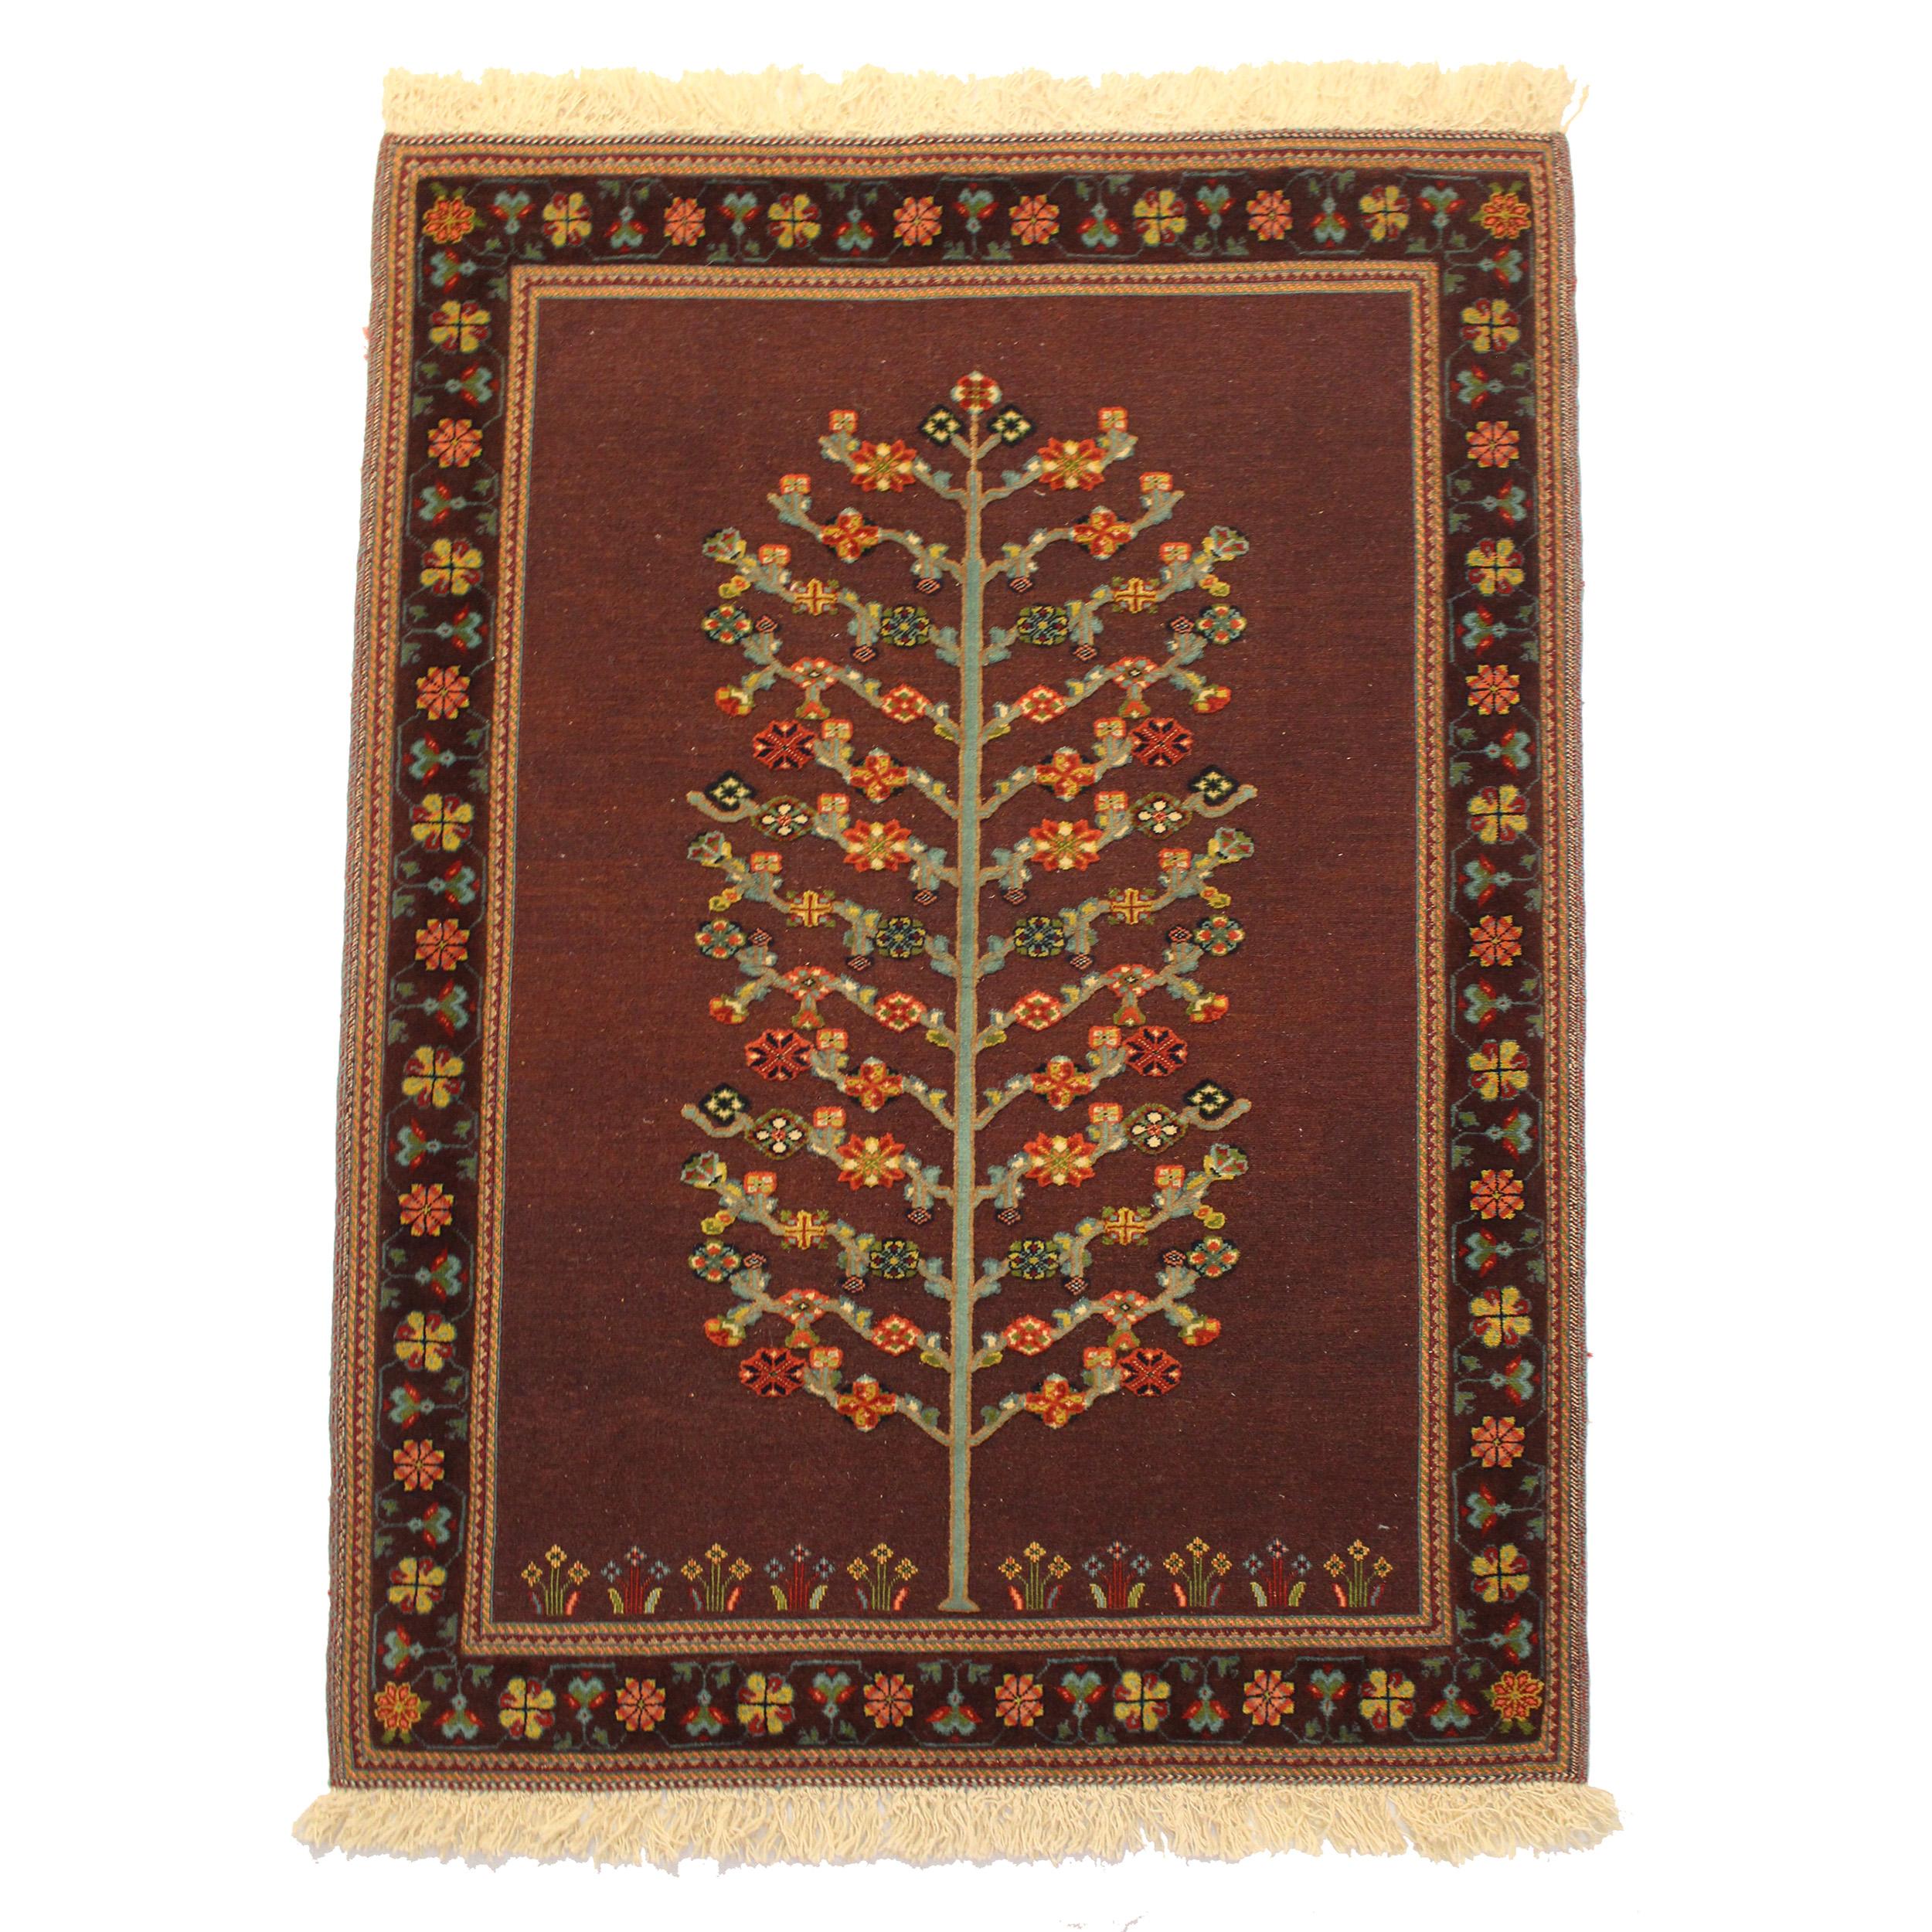 گلیم فرش دستباف دو متری طرح درخت مدلشیرکی پیچ کد 201